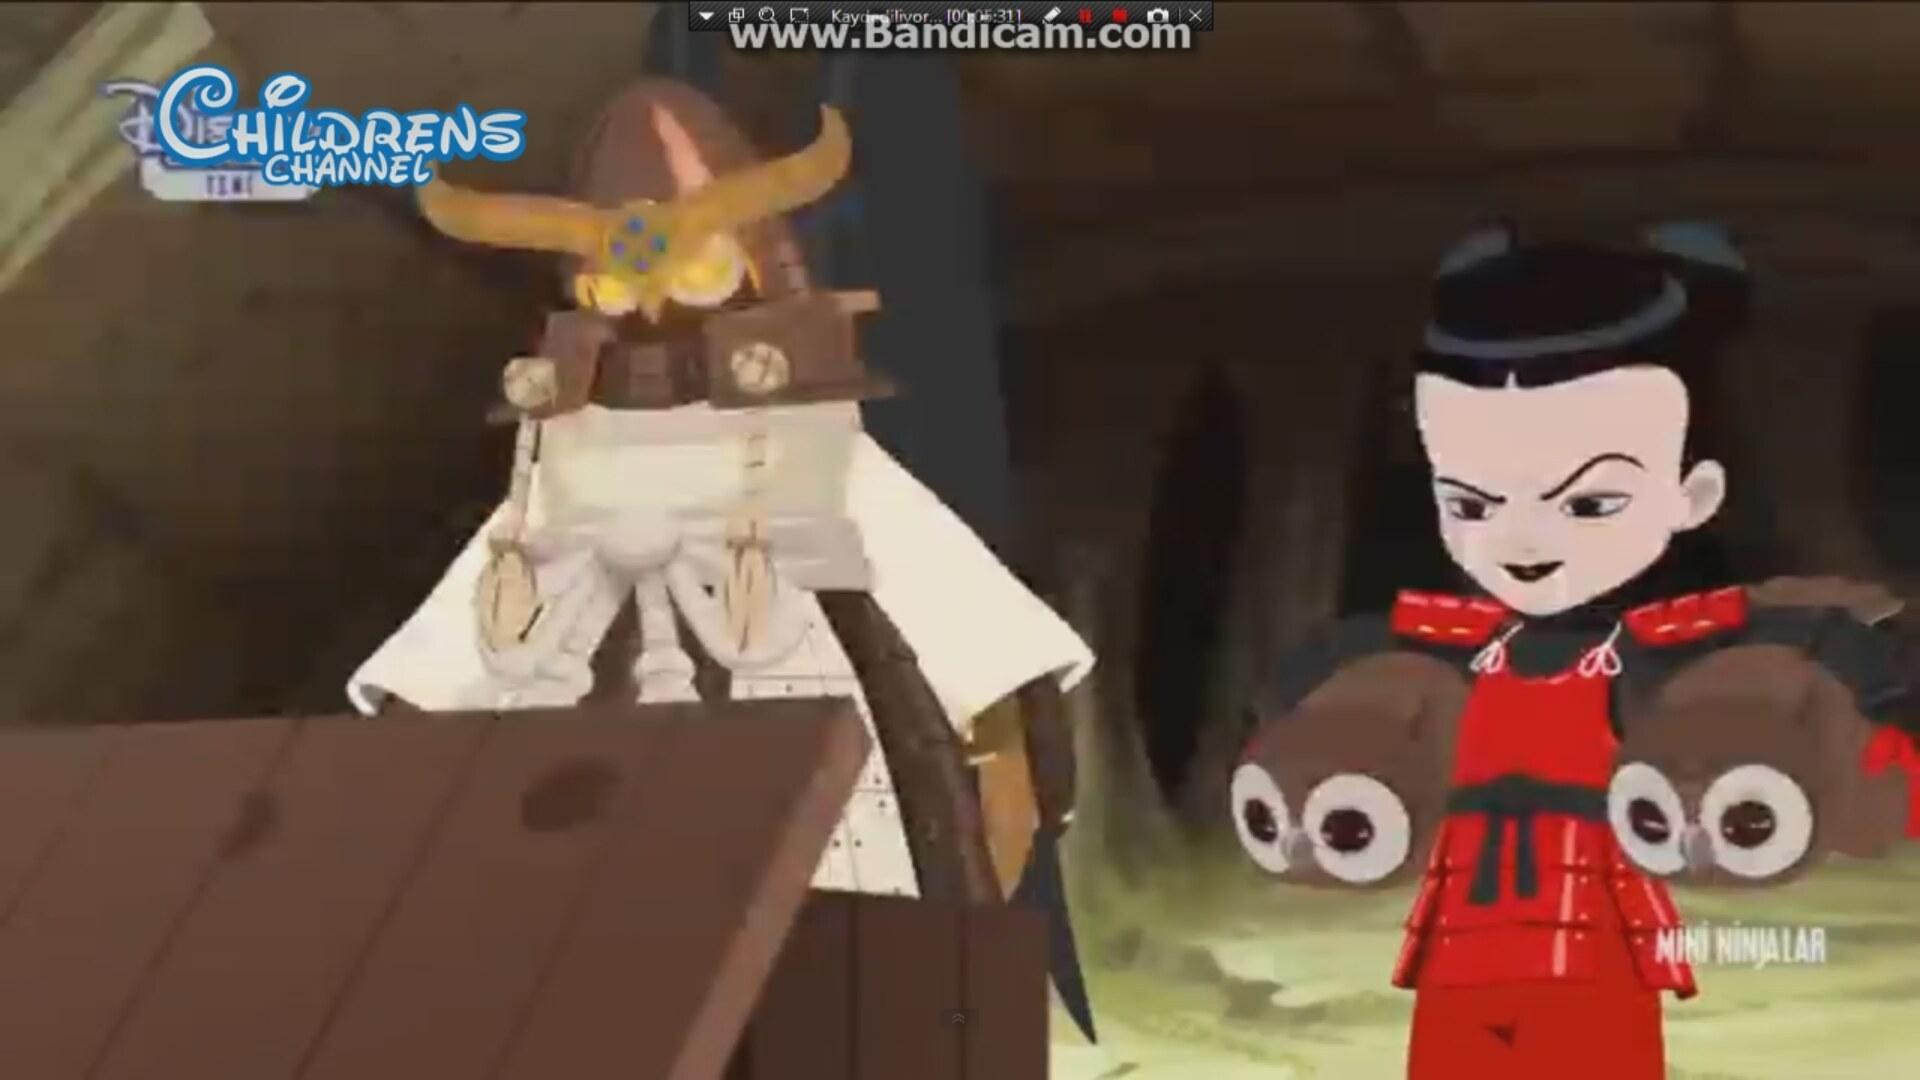 Mini Ninjalar Daifuku Fanları Gece Kuşları Izlesenecom